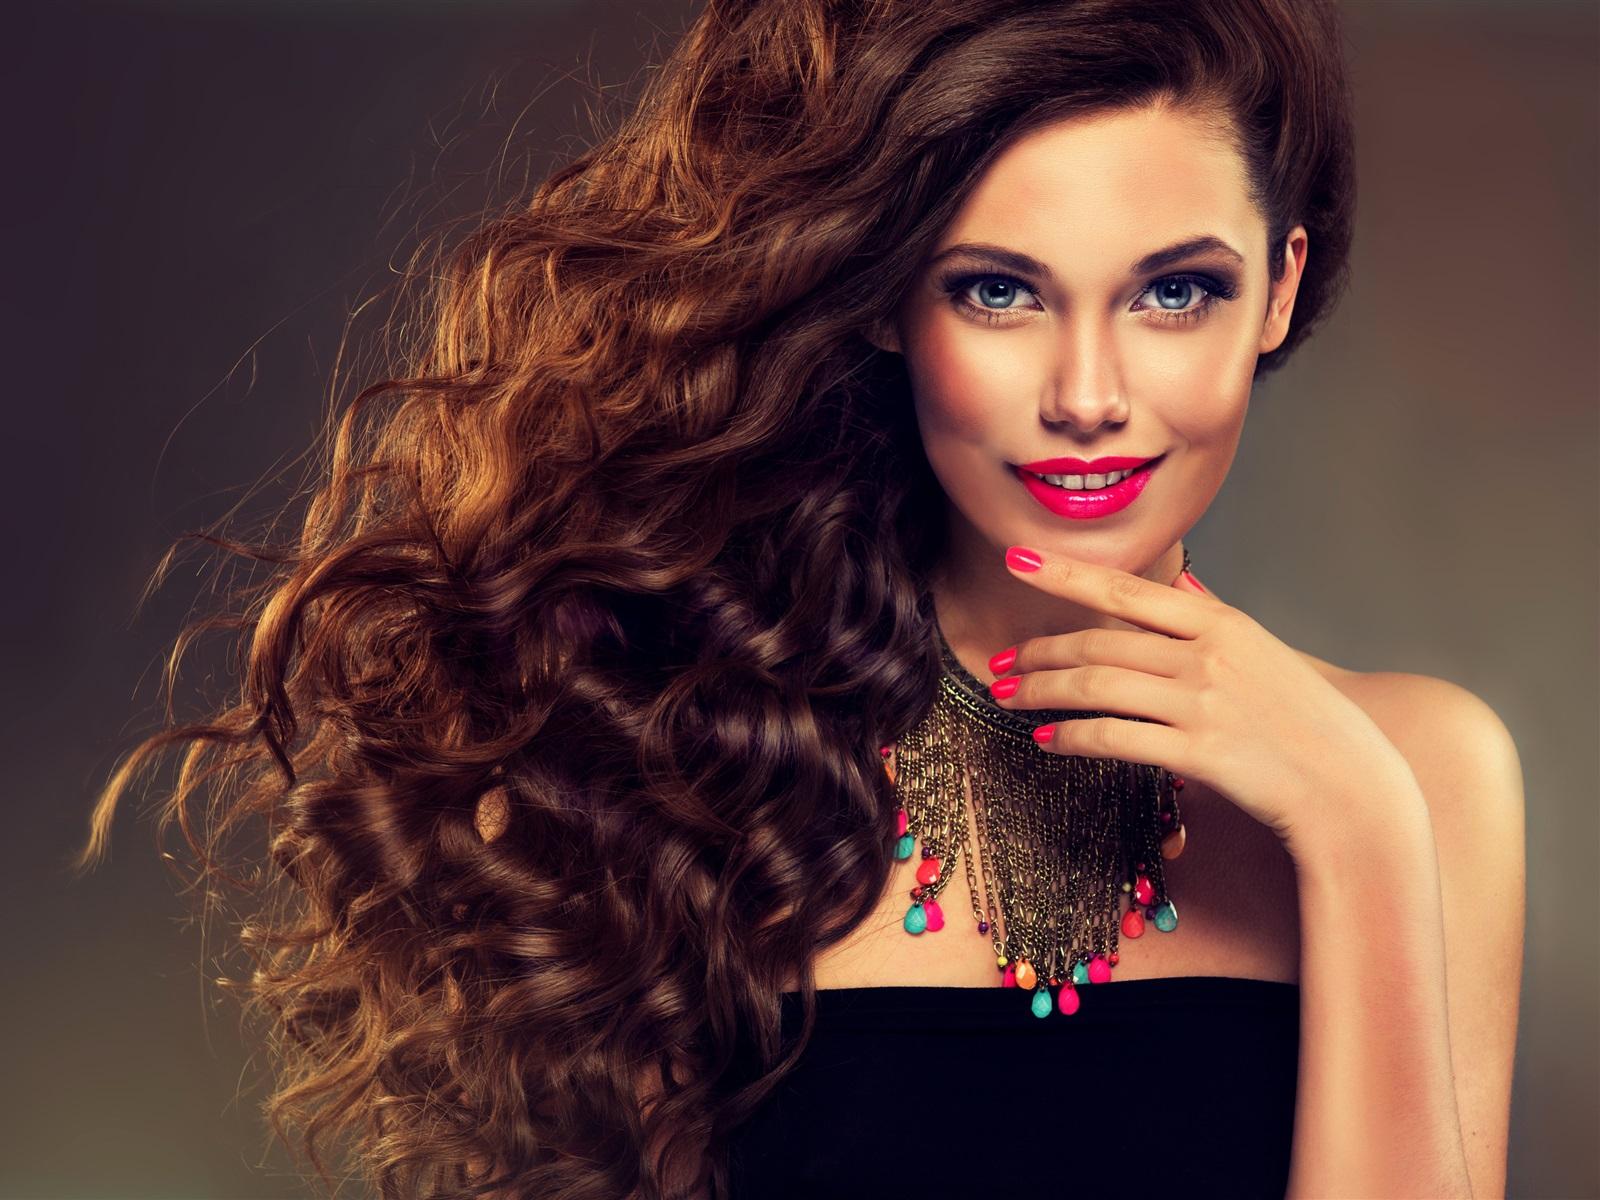 Девушка с макияжем и длинными волосами 877